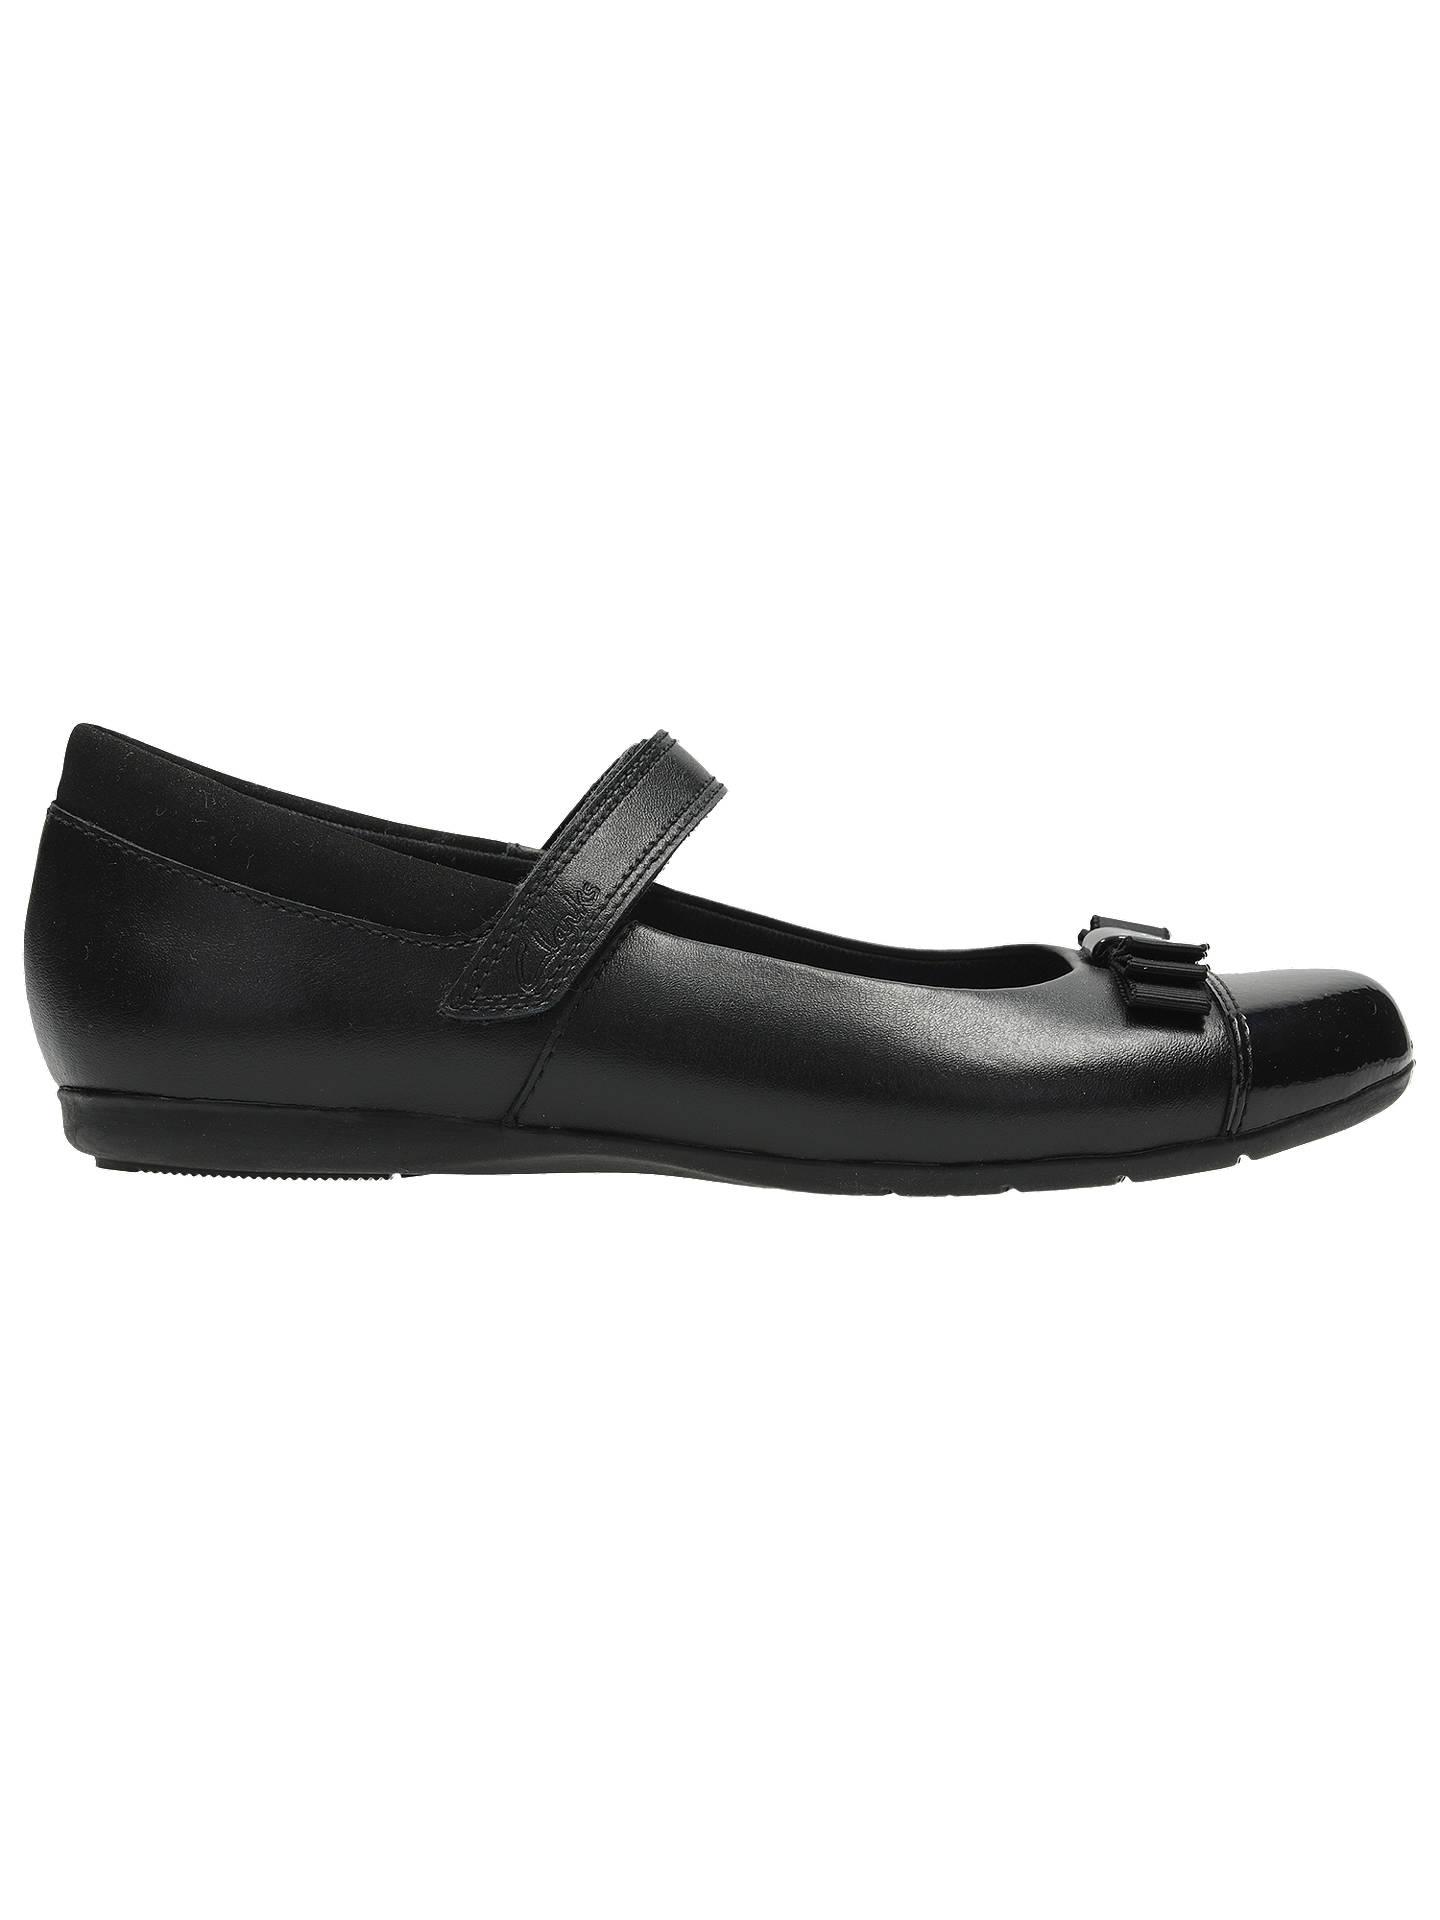 Clarks Children's Dance Shout Shoes, Black at John Lewis & Partners